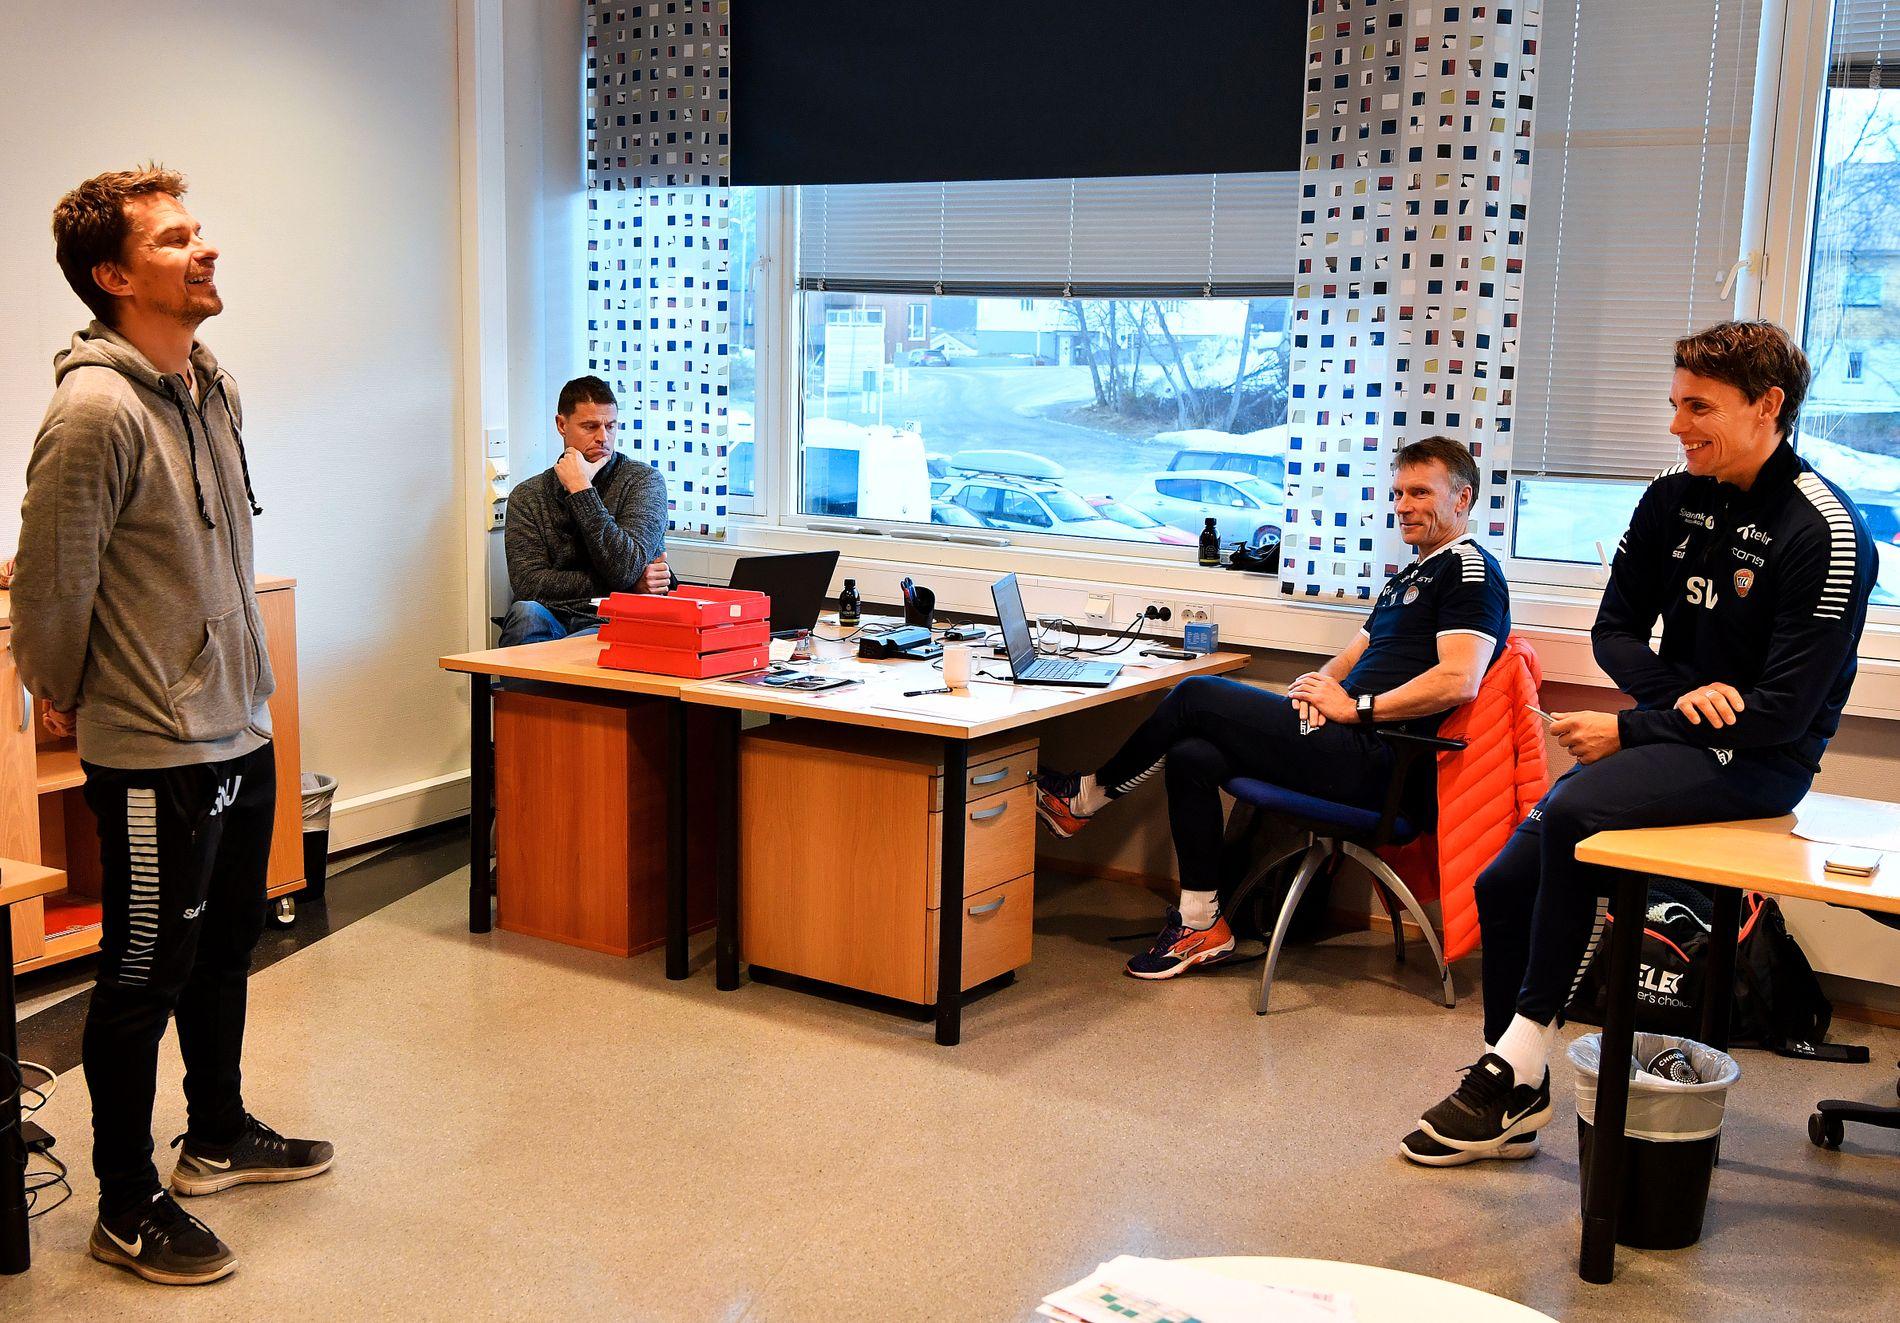 CELEBERT BESØK: Tromsø – og sportssjef Svein Morten Johansen (t.v.) – har hatt celebert besøk fra England de siste dagene. To representanter fra Manchester Uniteds akademi har gjestet Tromsø.